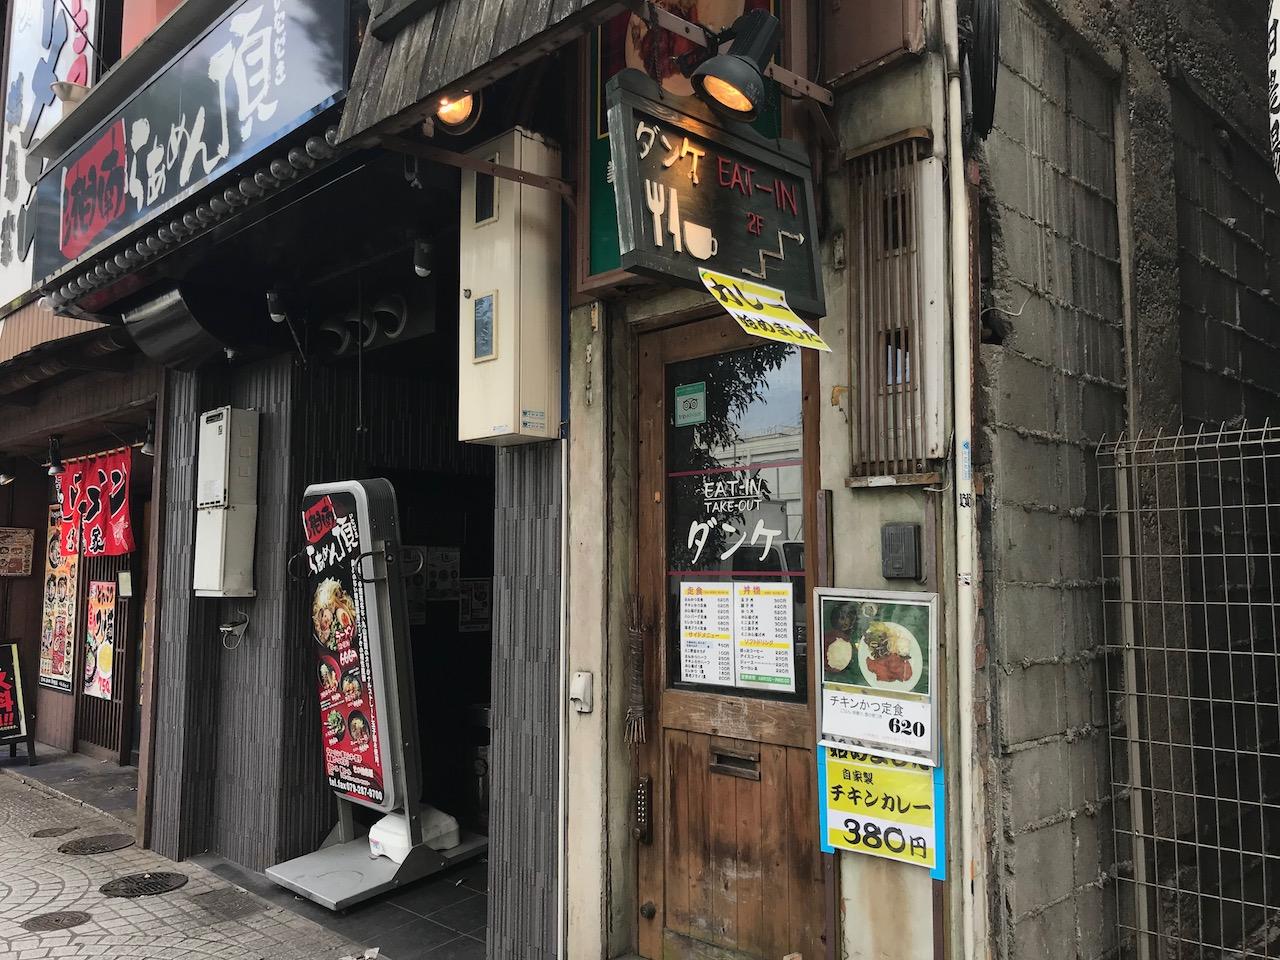 ここは洞窟か!?姫路駅前のダンケでとんかつ定食ランチ食べてきた!